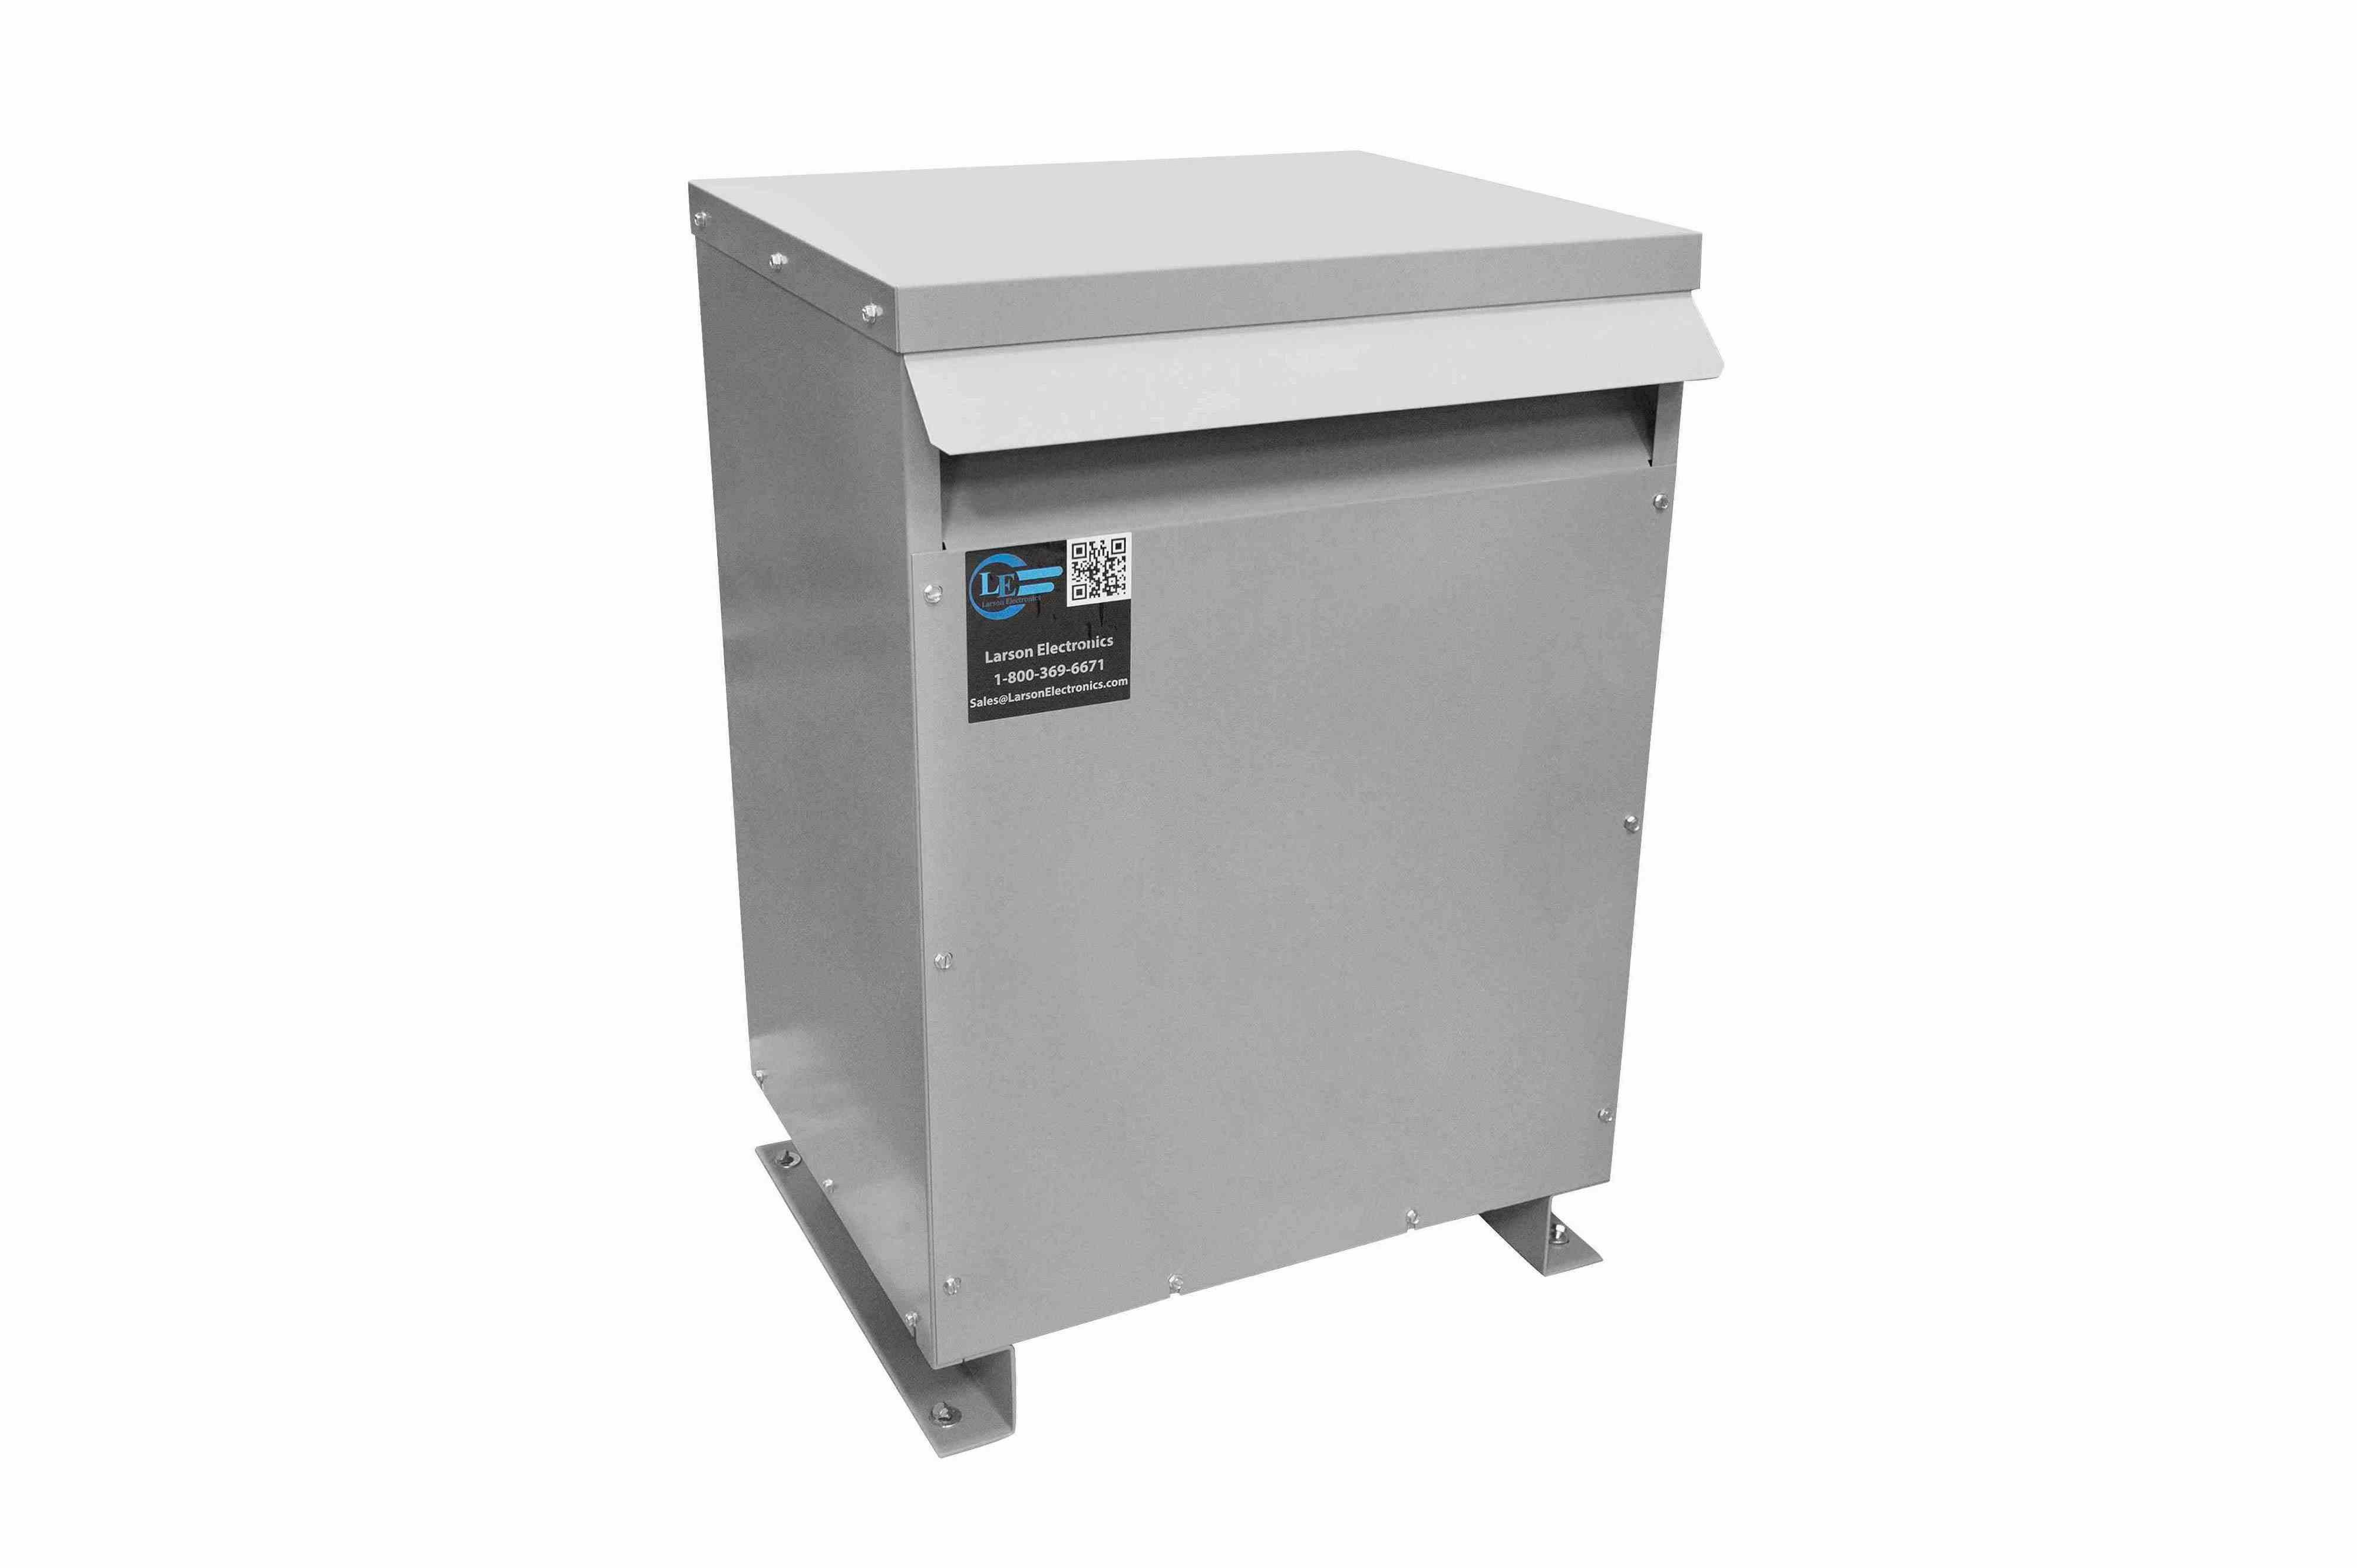 15 kVA 3PH Isolation Transformer, 400V Delta Primary, 600V Delta Secondary, N3R, Ventilated, 60 Hz